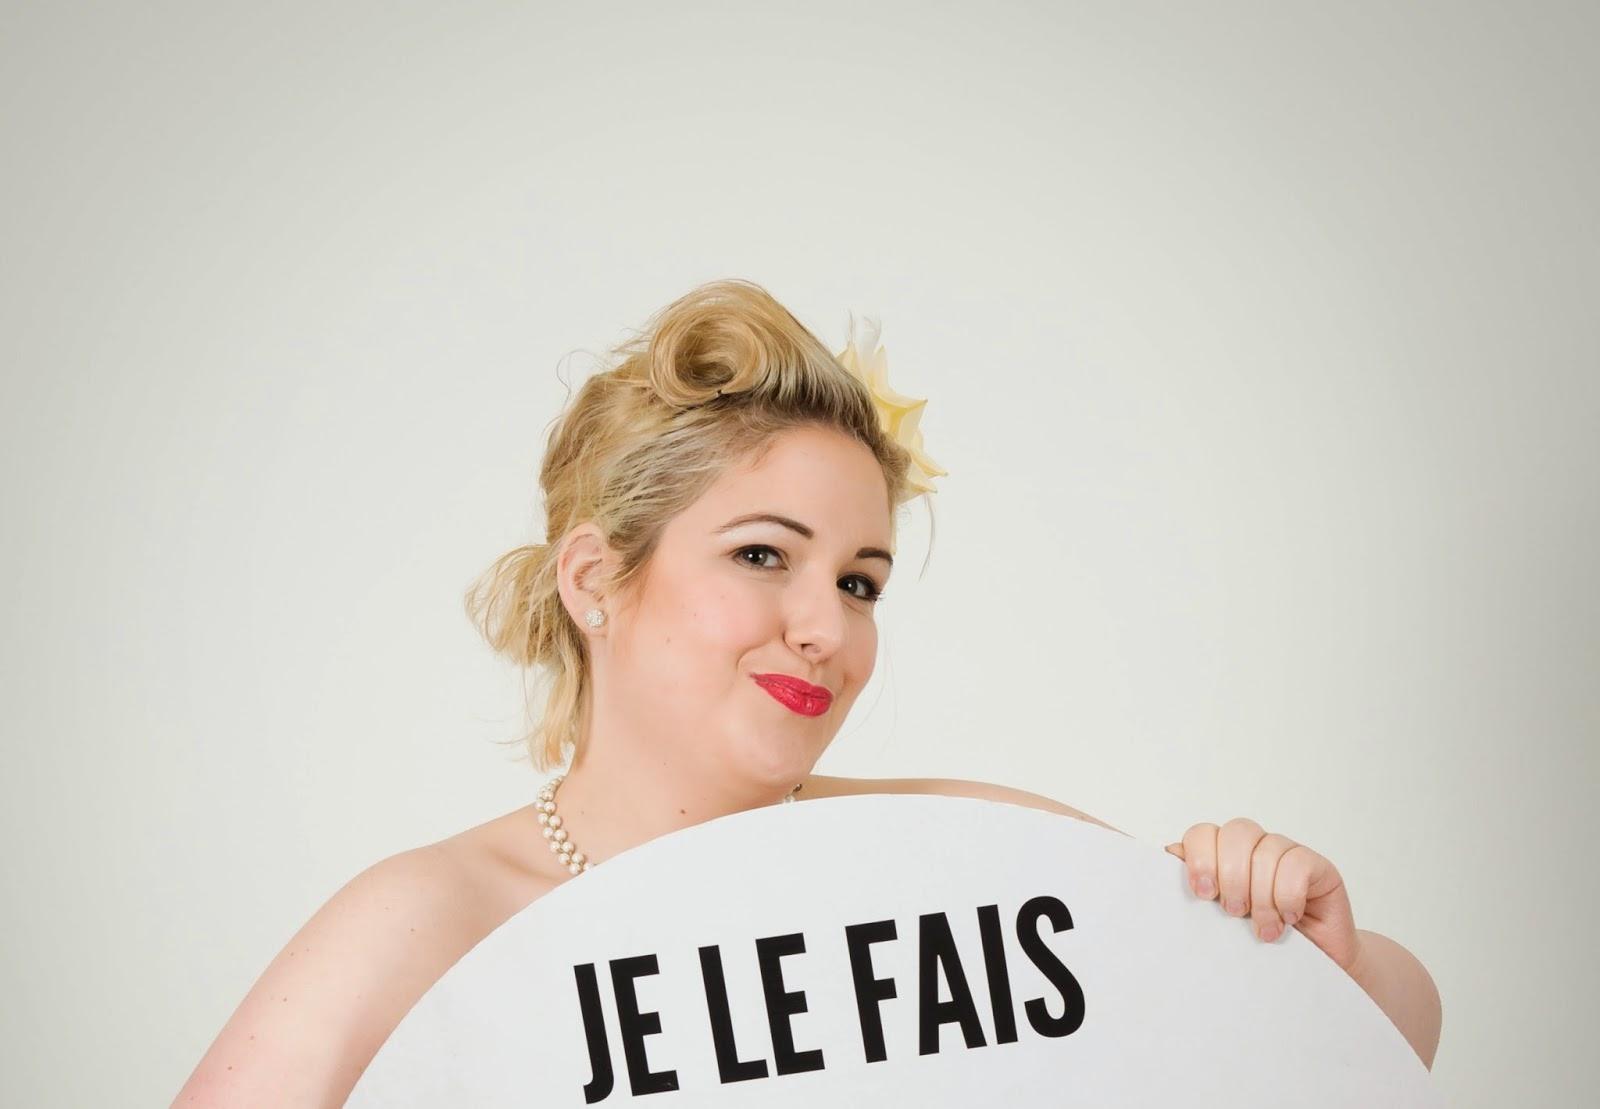 #JeLeFais